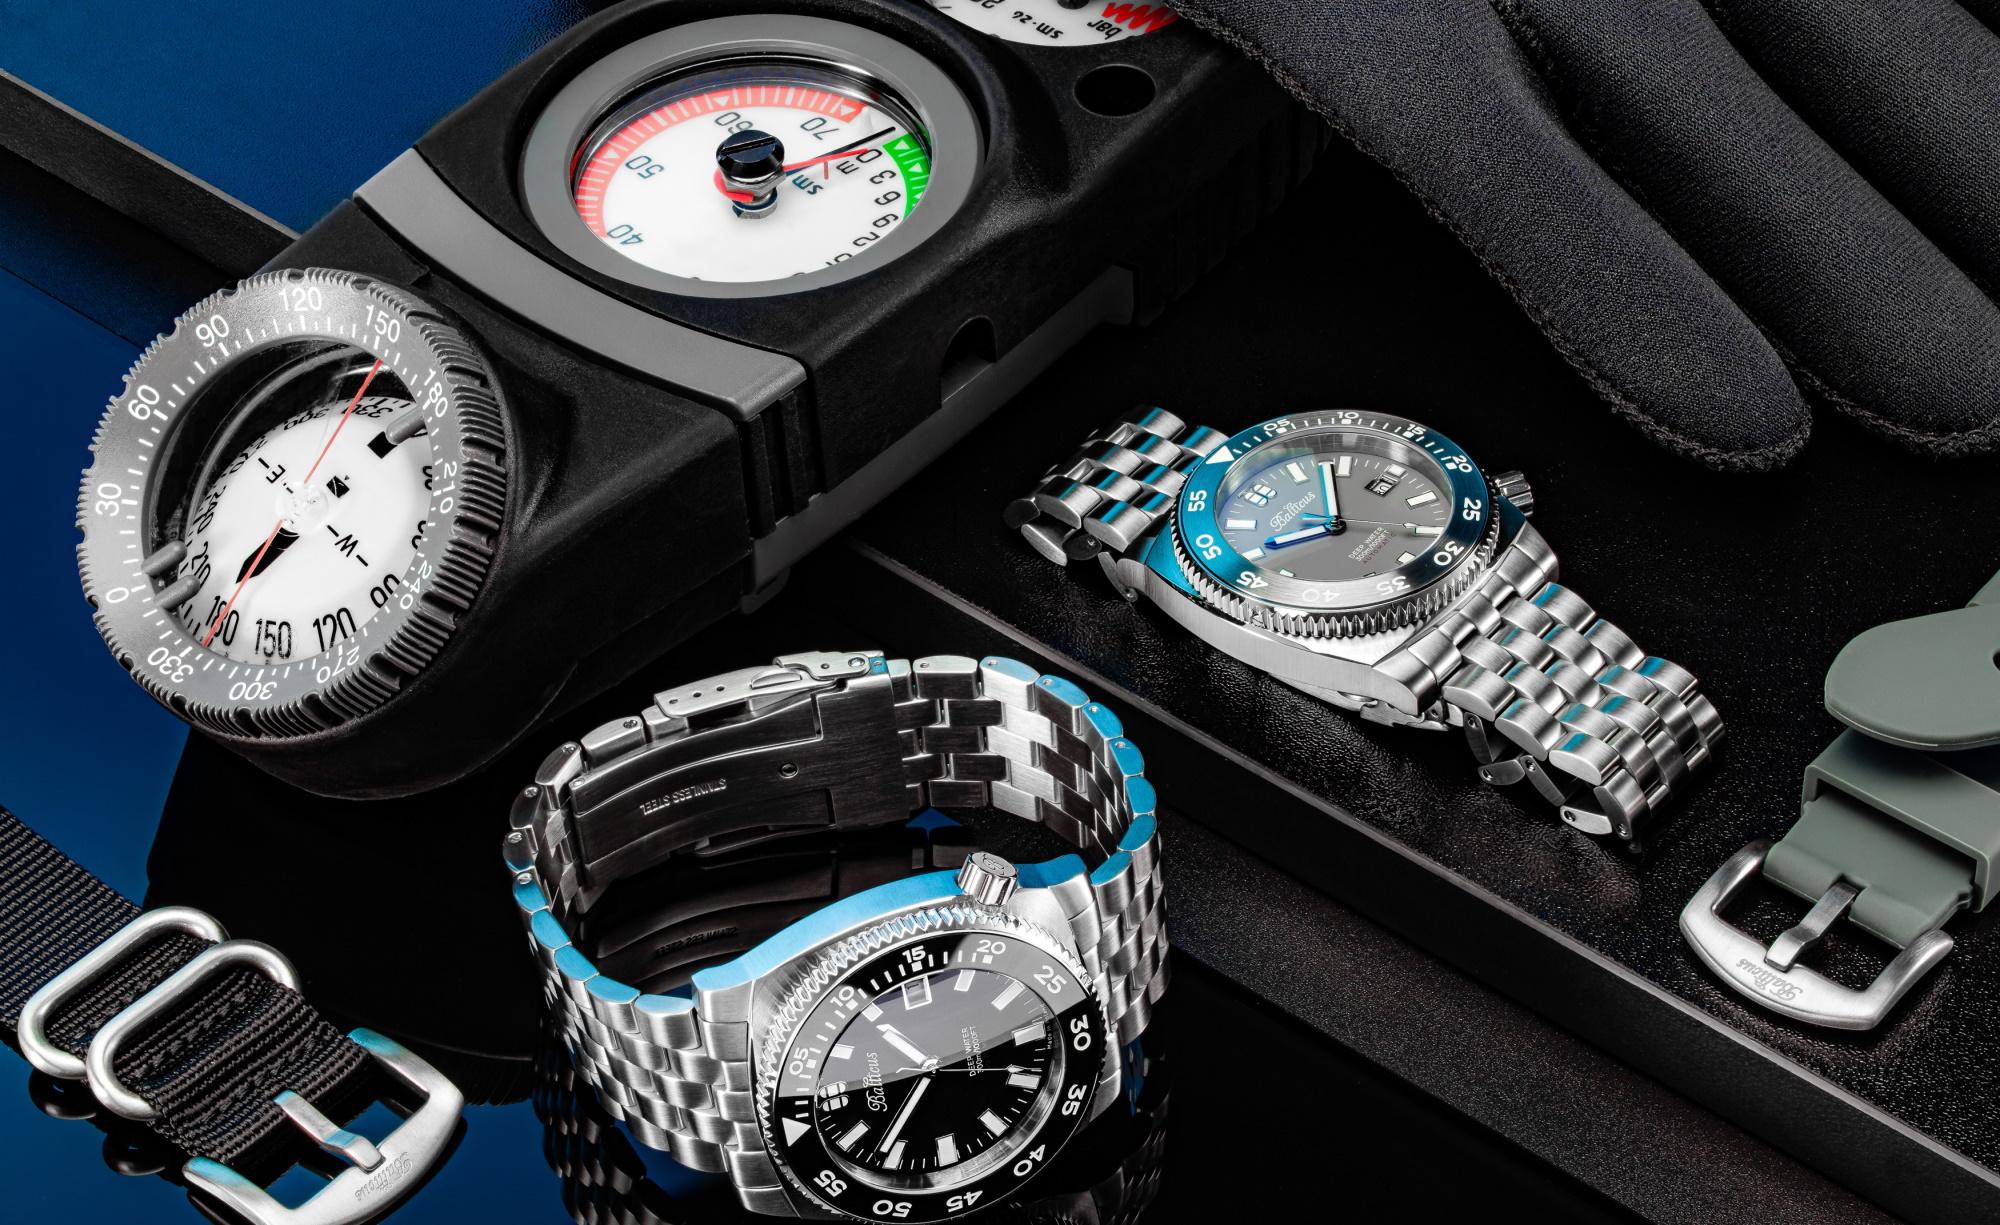 Marka zegarków premium z Pomorza - Balticus - niebawem ruszy z kolejną kampanią crowdfundingową przez platformę Crowdway. Od inwestorów społecznościowych chce pozyskać 2,2 mln zł. Fot. mat. pras.